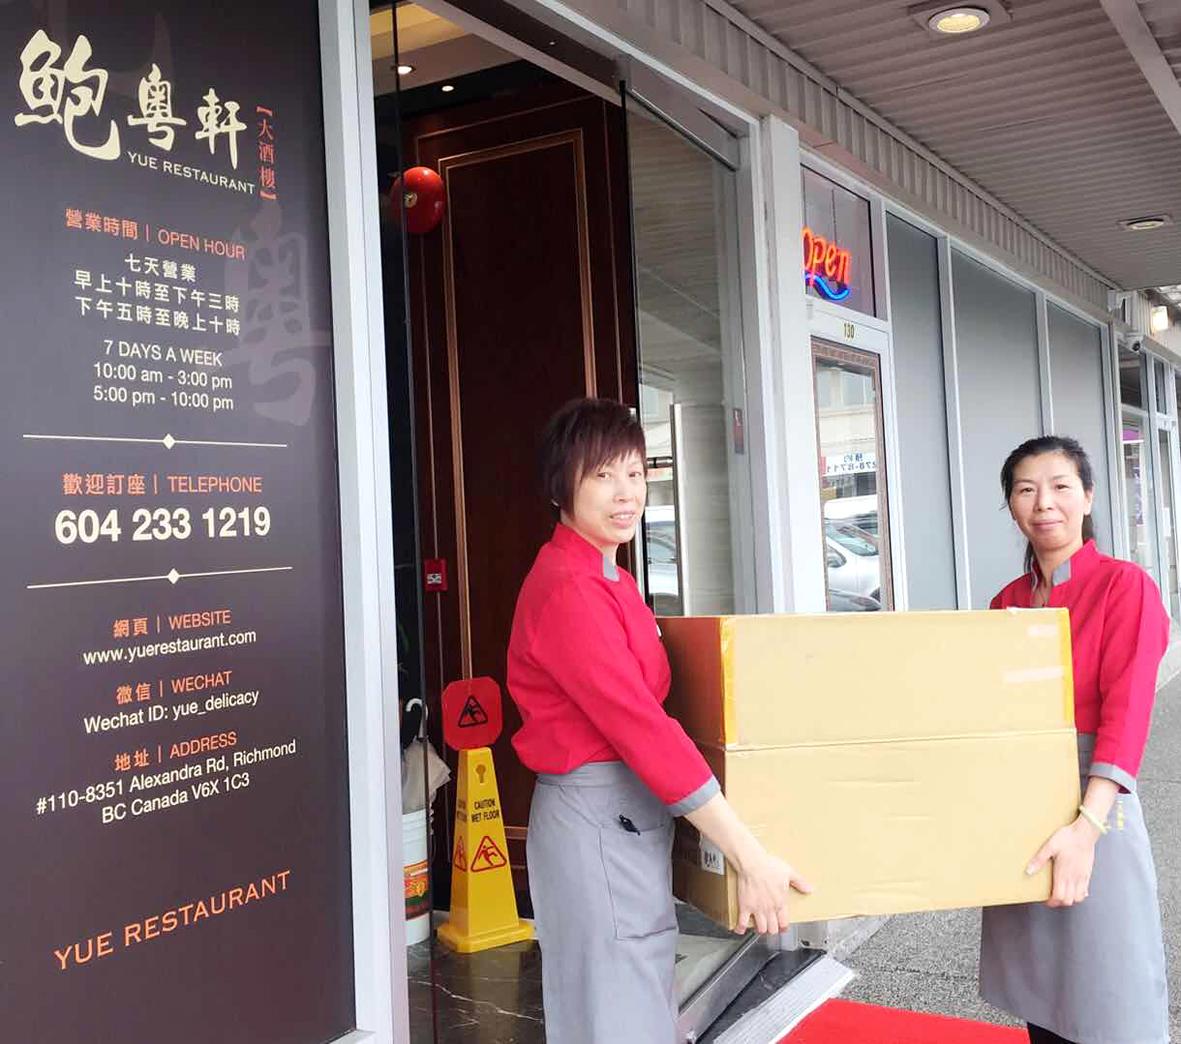 「鮑粵軒大酒樓」工作人員搬運熱食